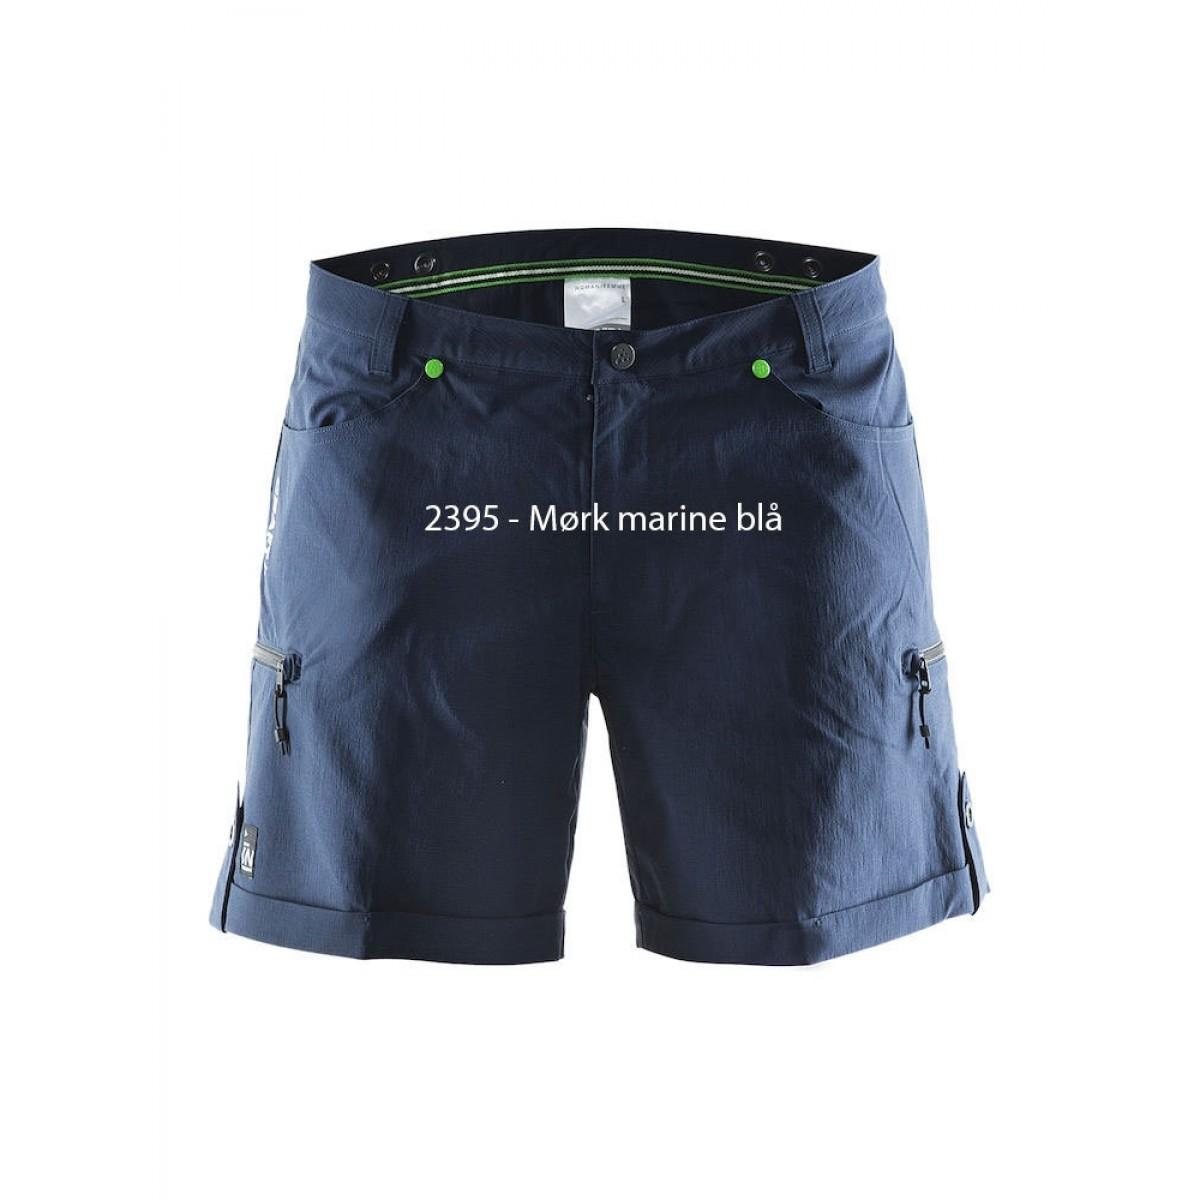 2395 - Mørk marine blå